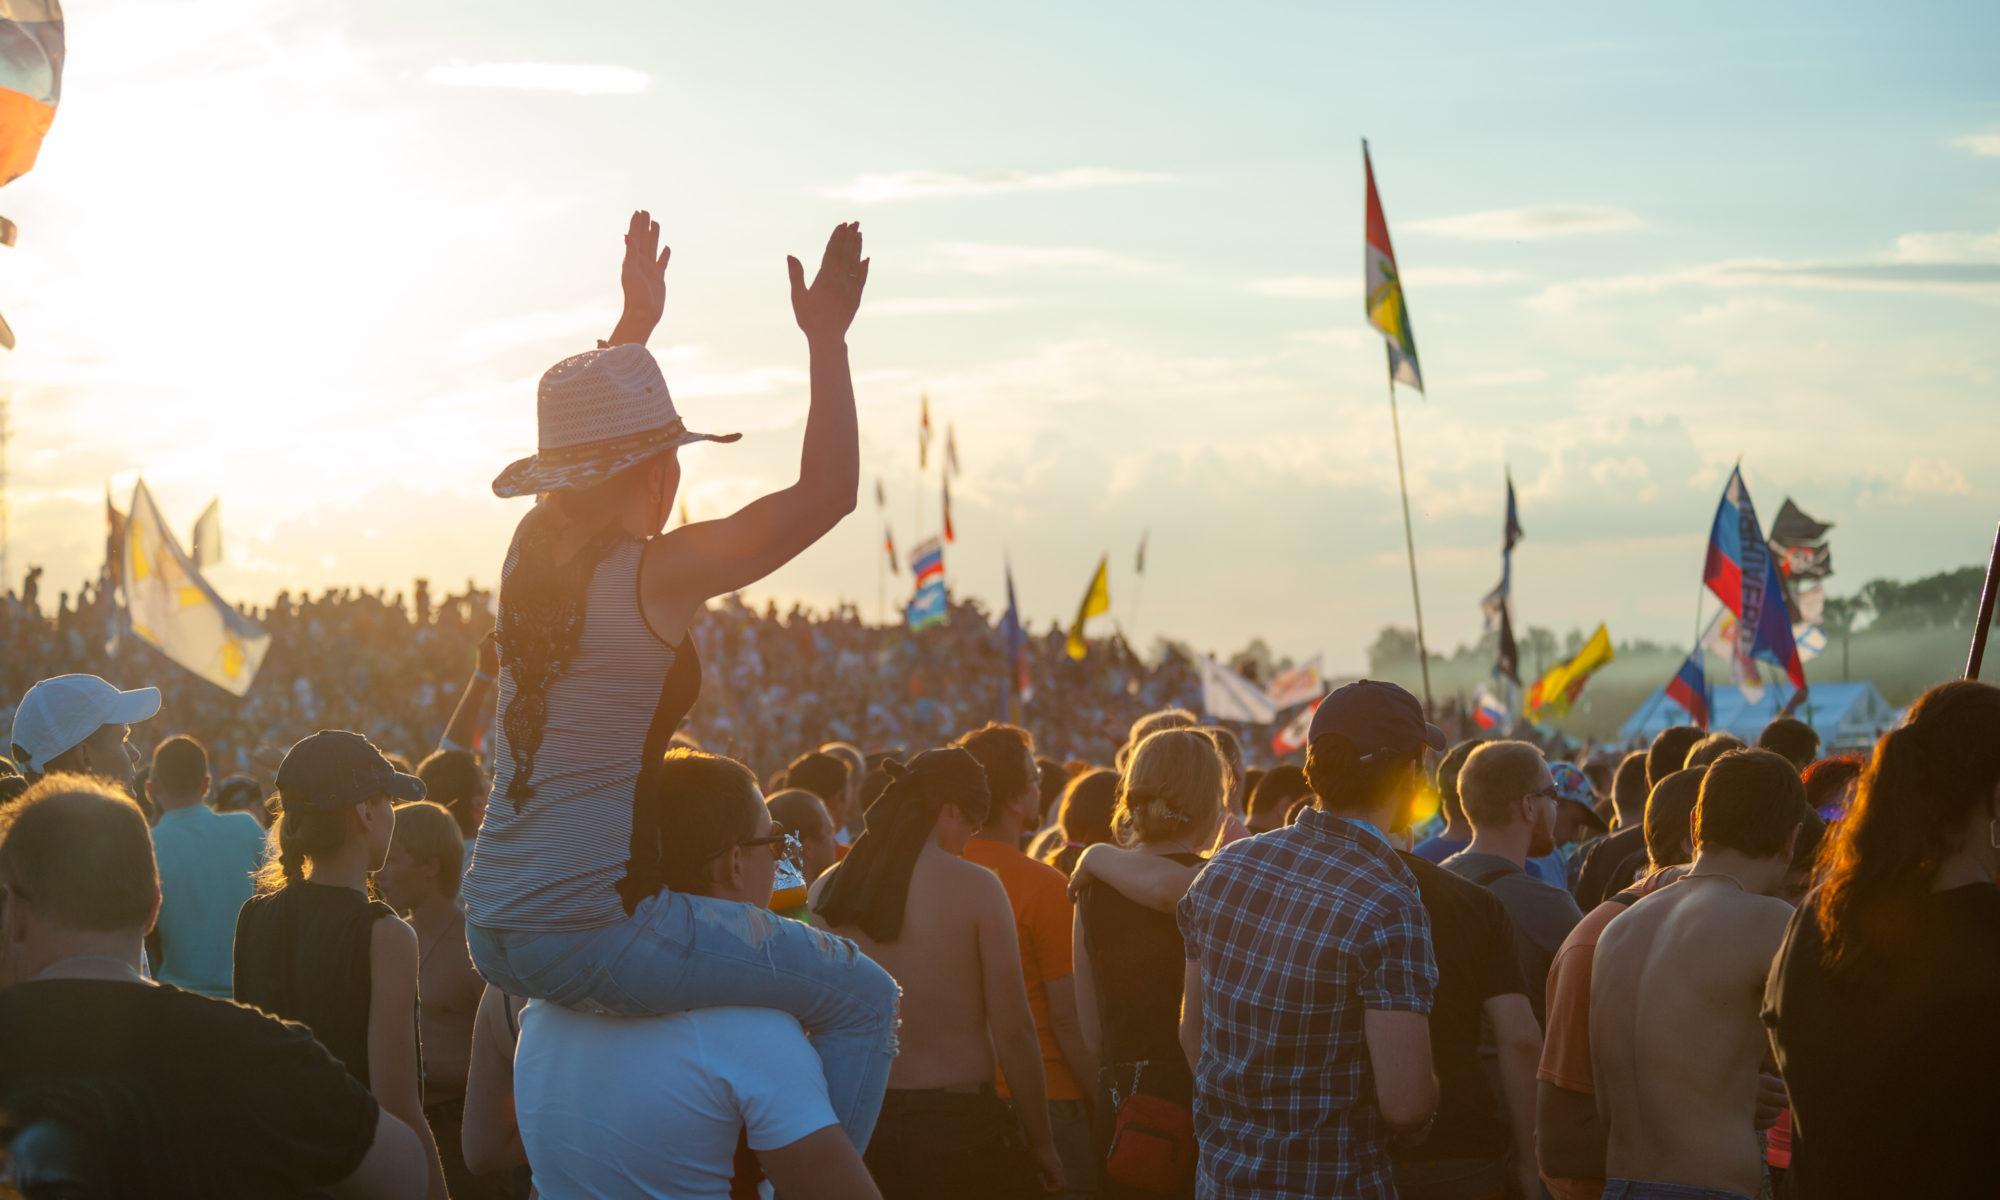 festiwal rockowy